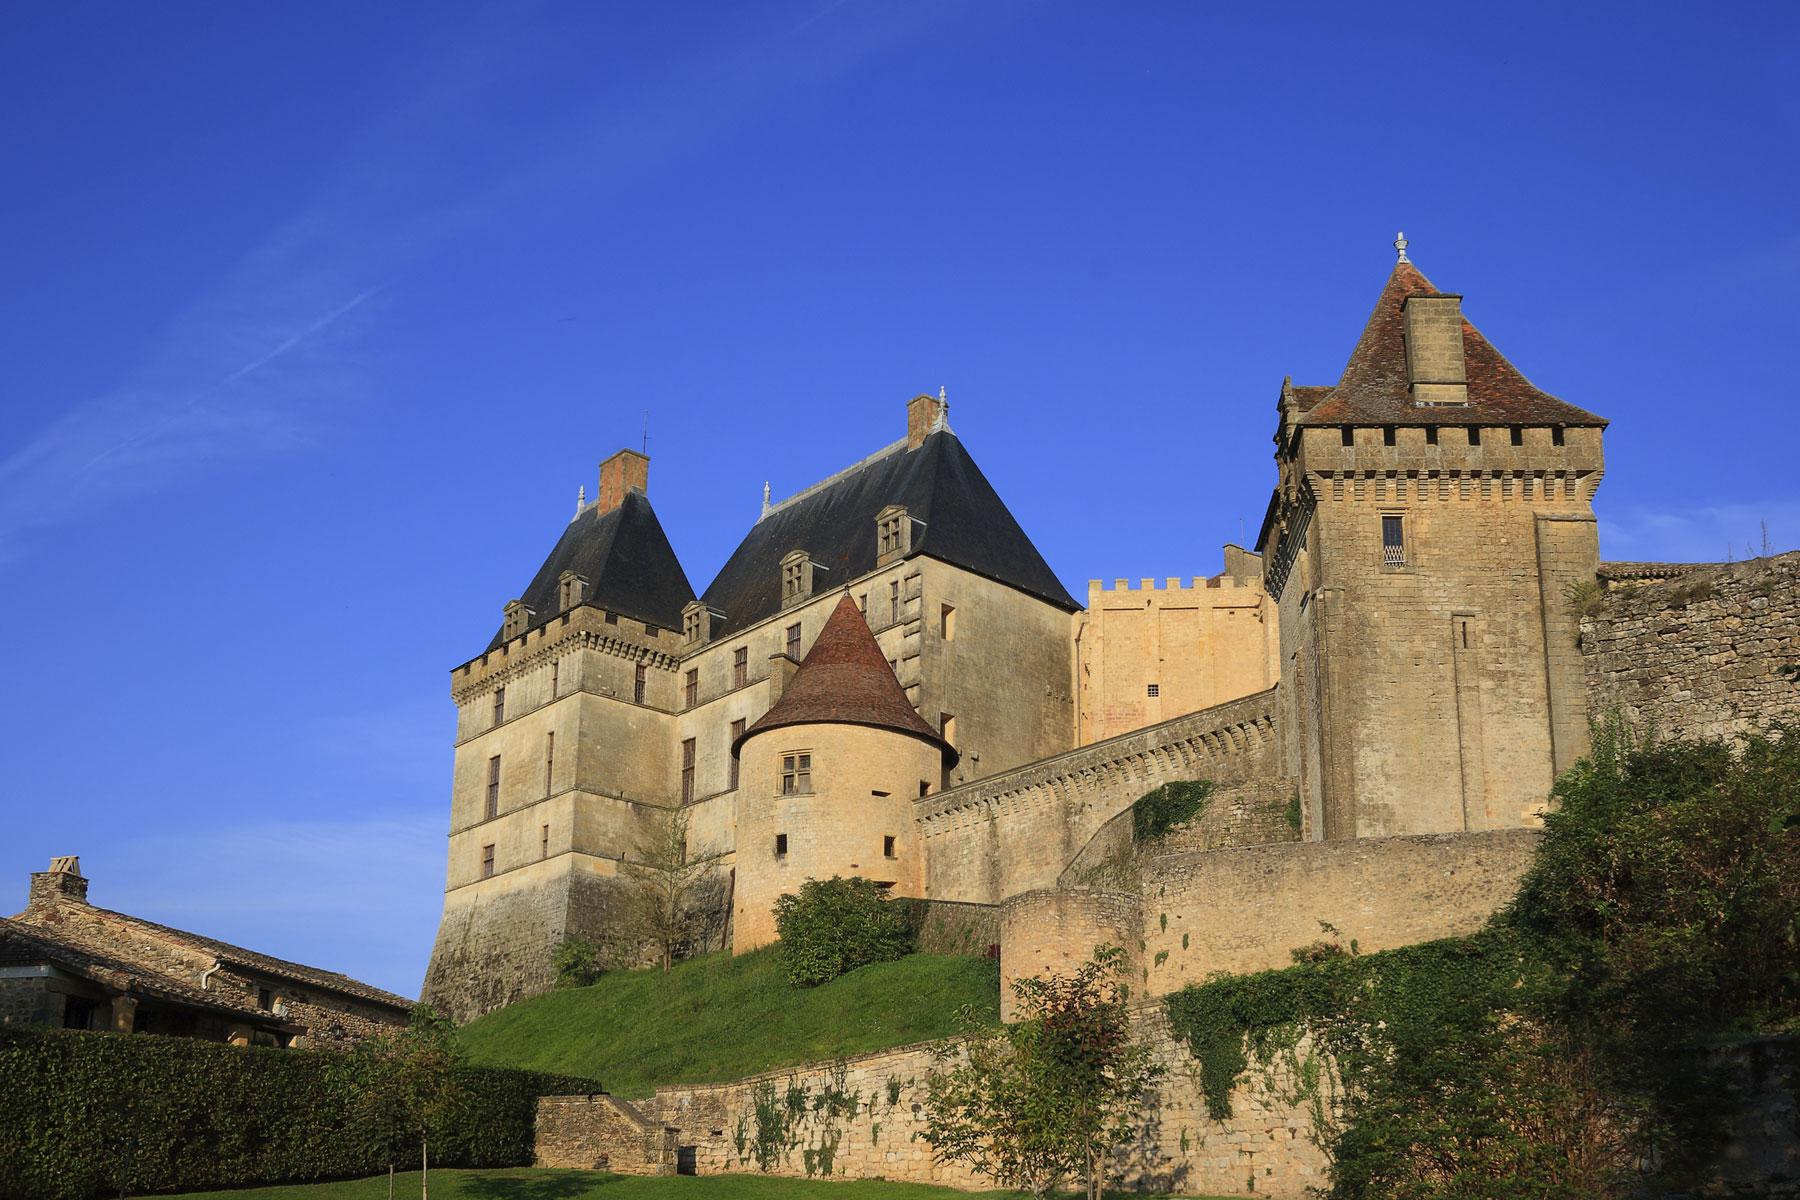 Chateau-Biron-Dordogne